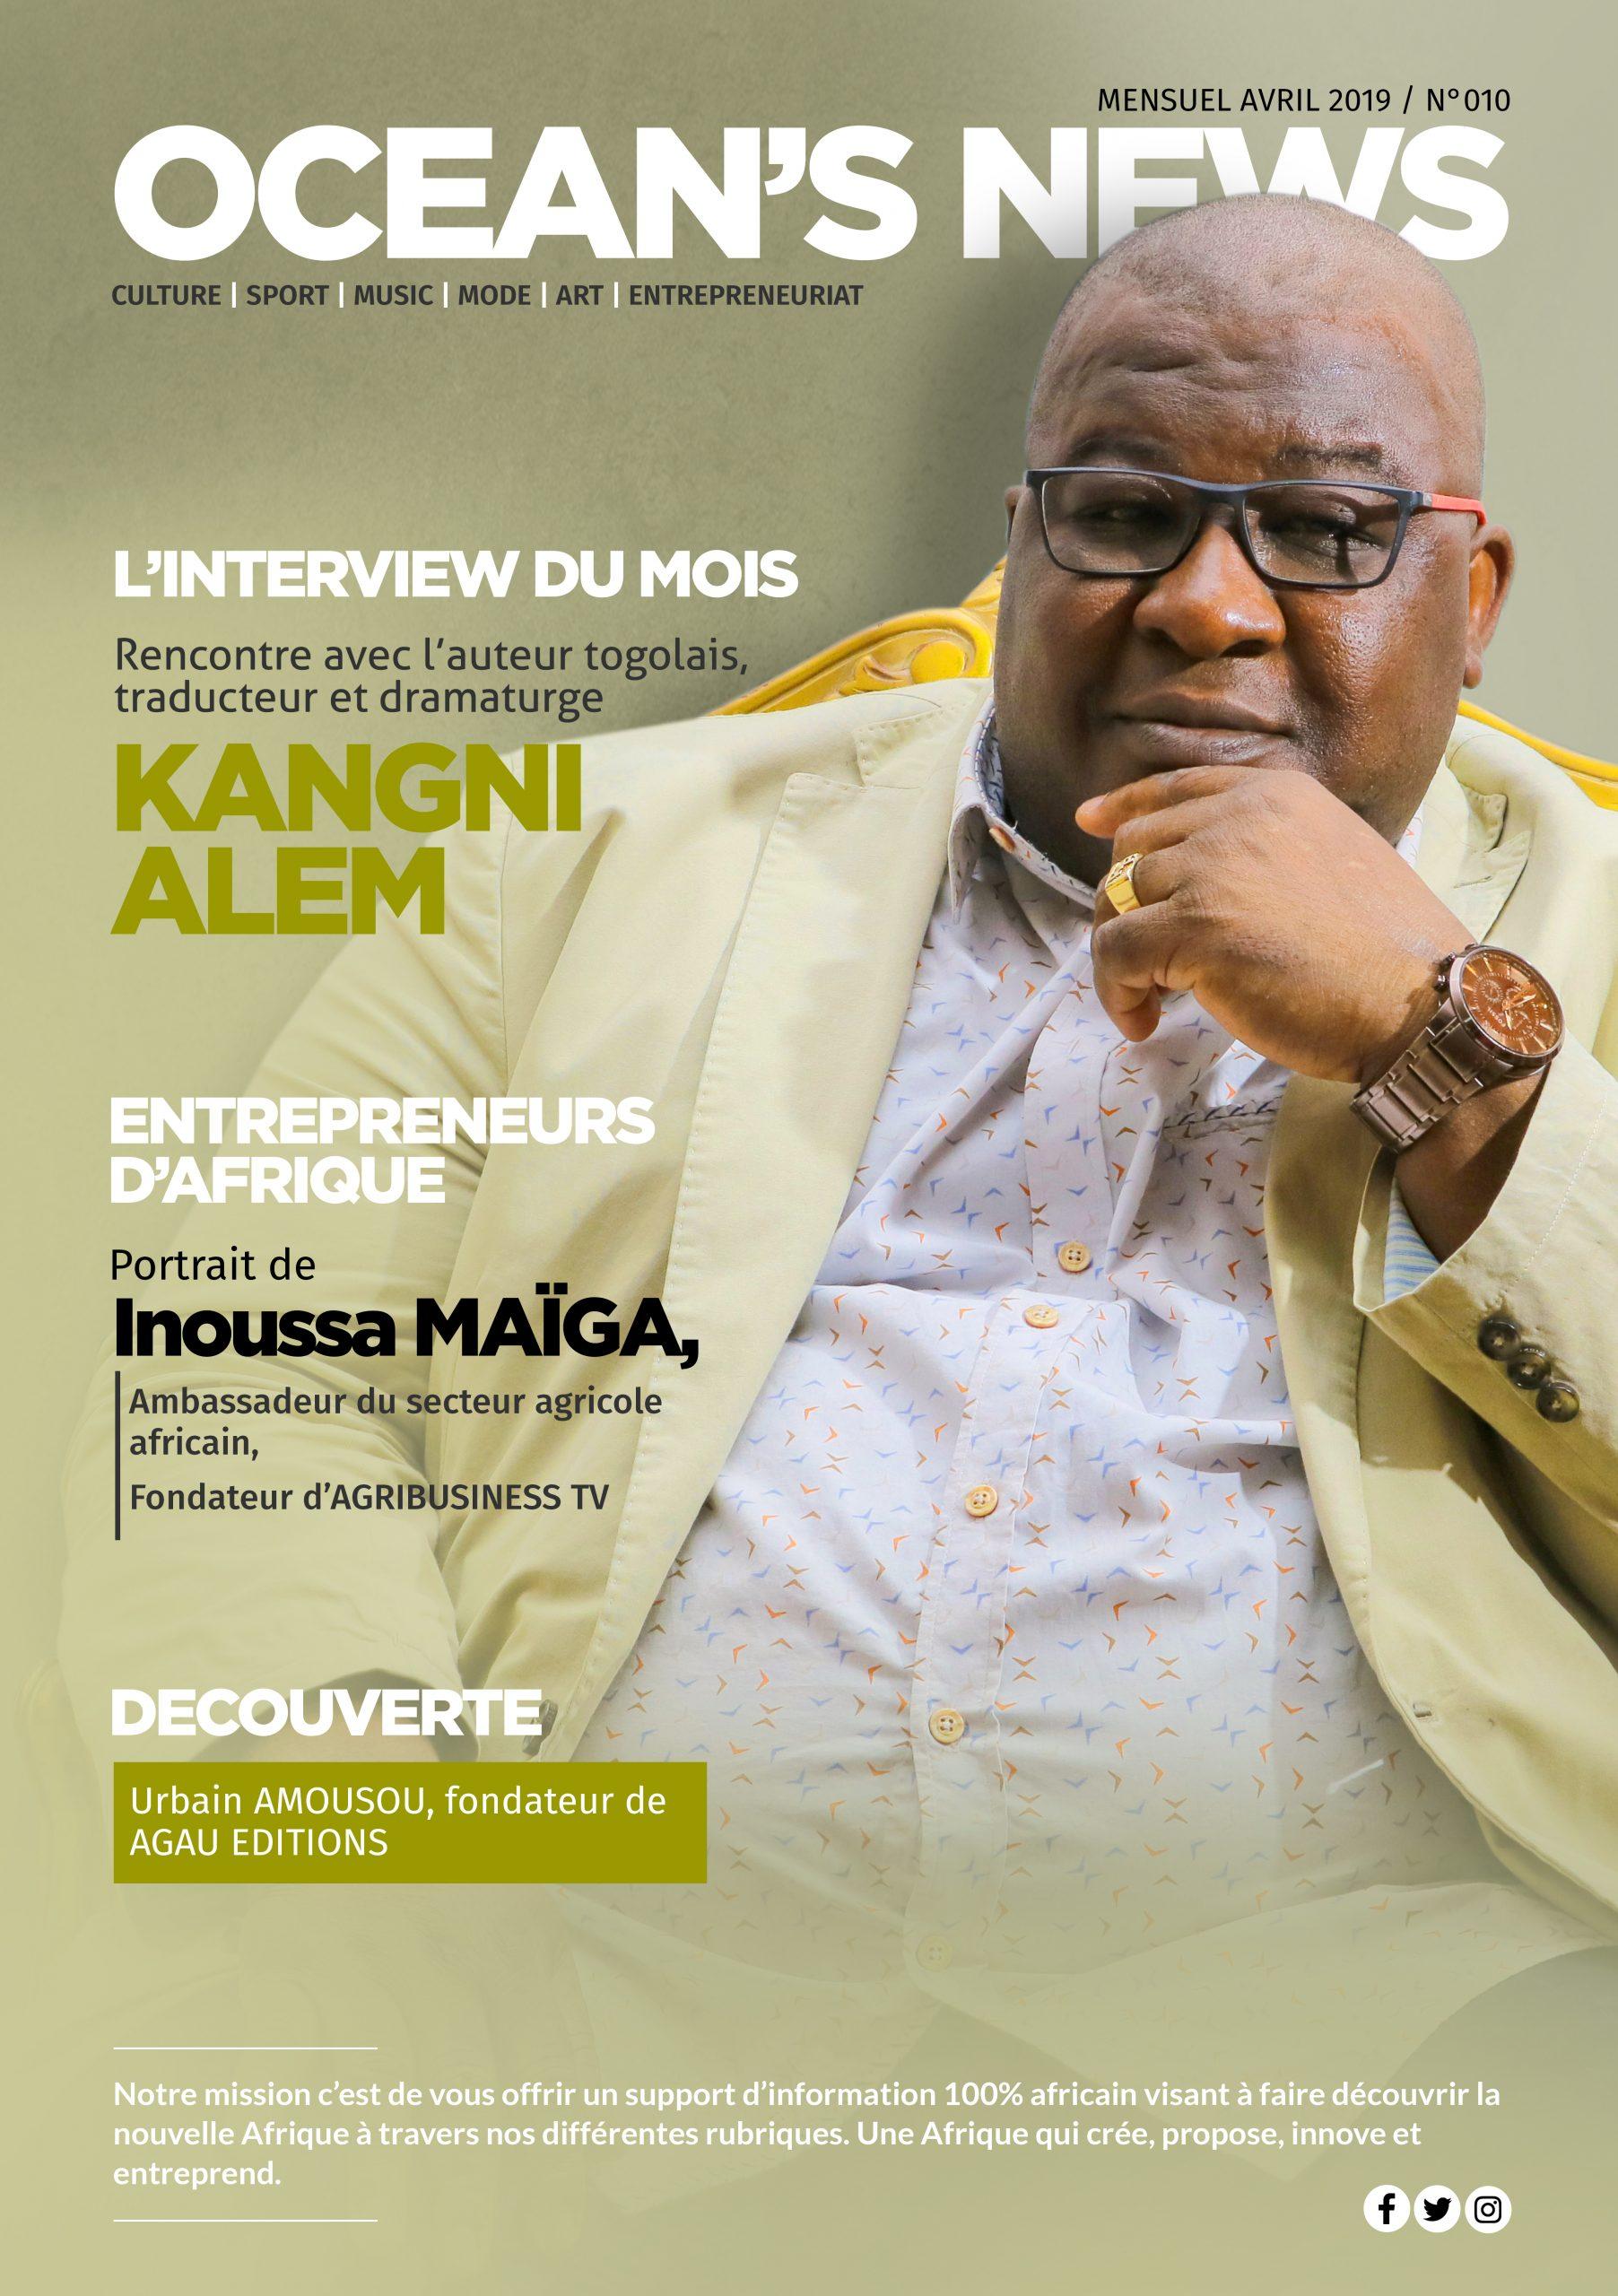 L'écrivain Togolais Kangni Alem fait la couverture du magazine Ocean's News N°10